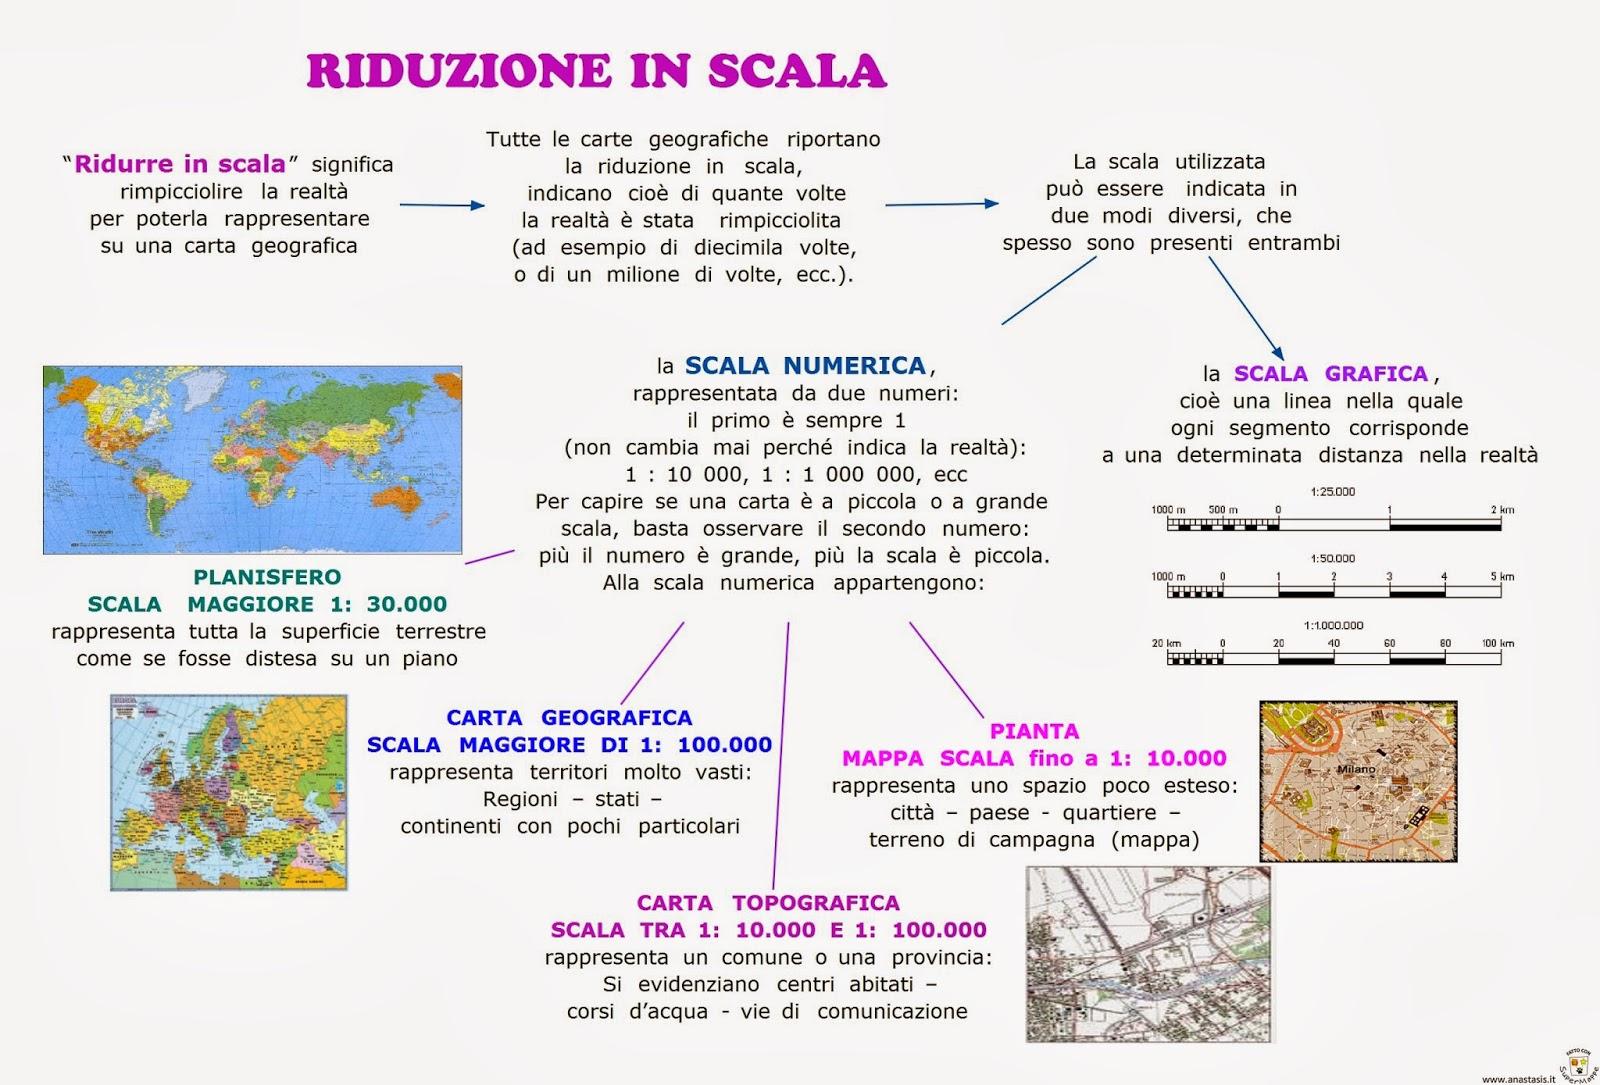 paradiso delle mappe riduzione in scala